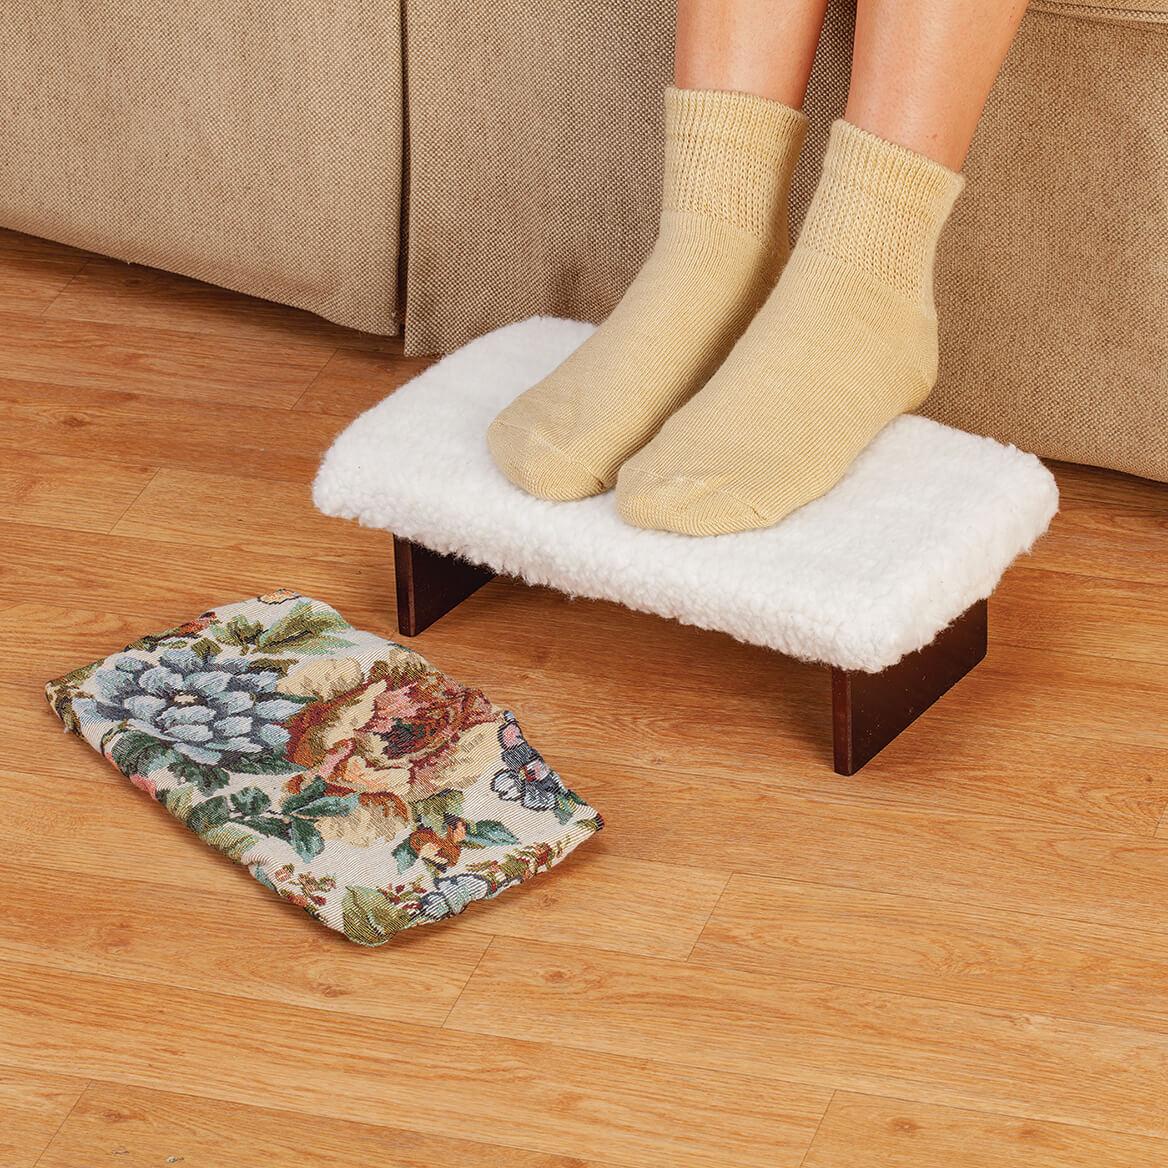 Deluxe Folding Footrest by OakRidge™-371968